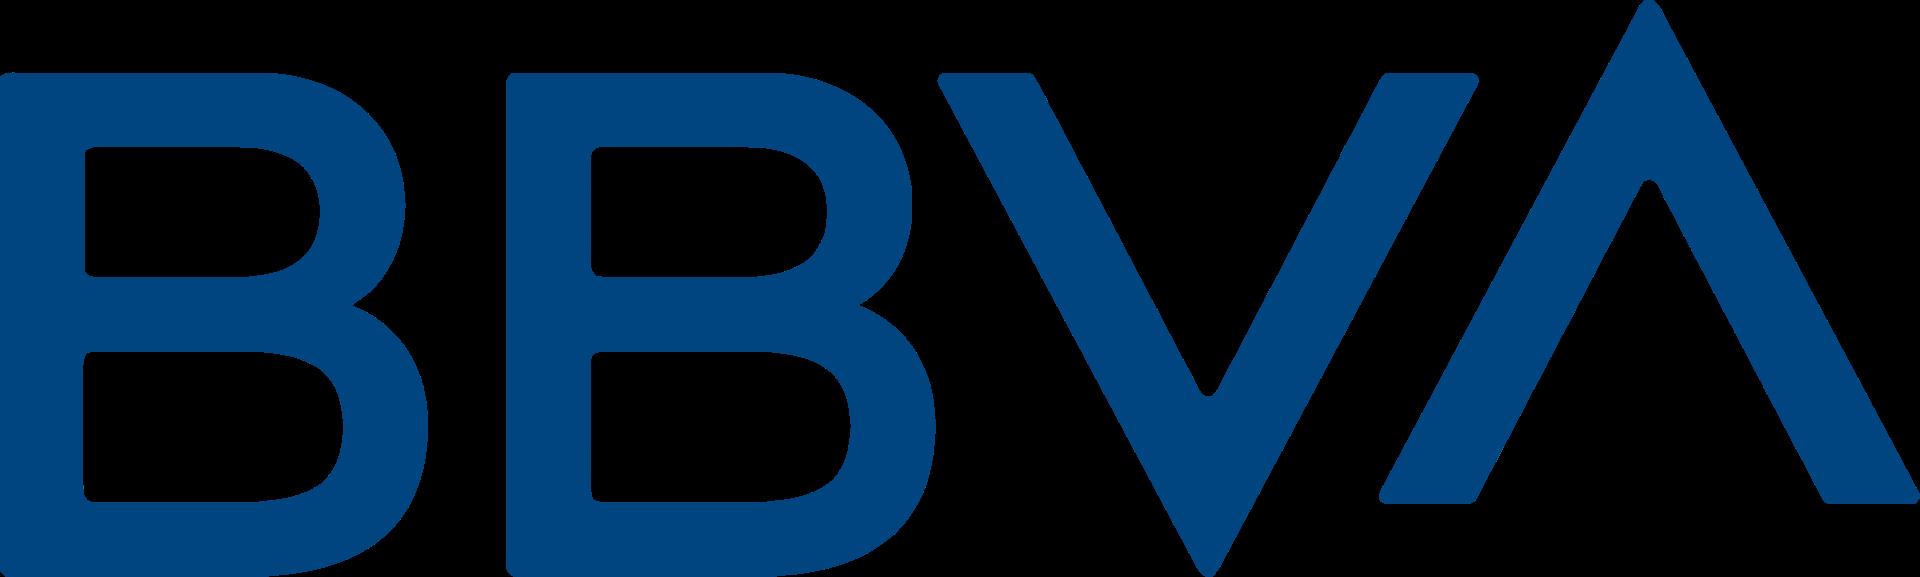 Mejores Cuenta de ahorro 2021: Banco BBVA